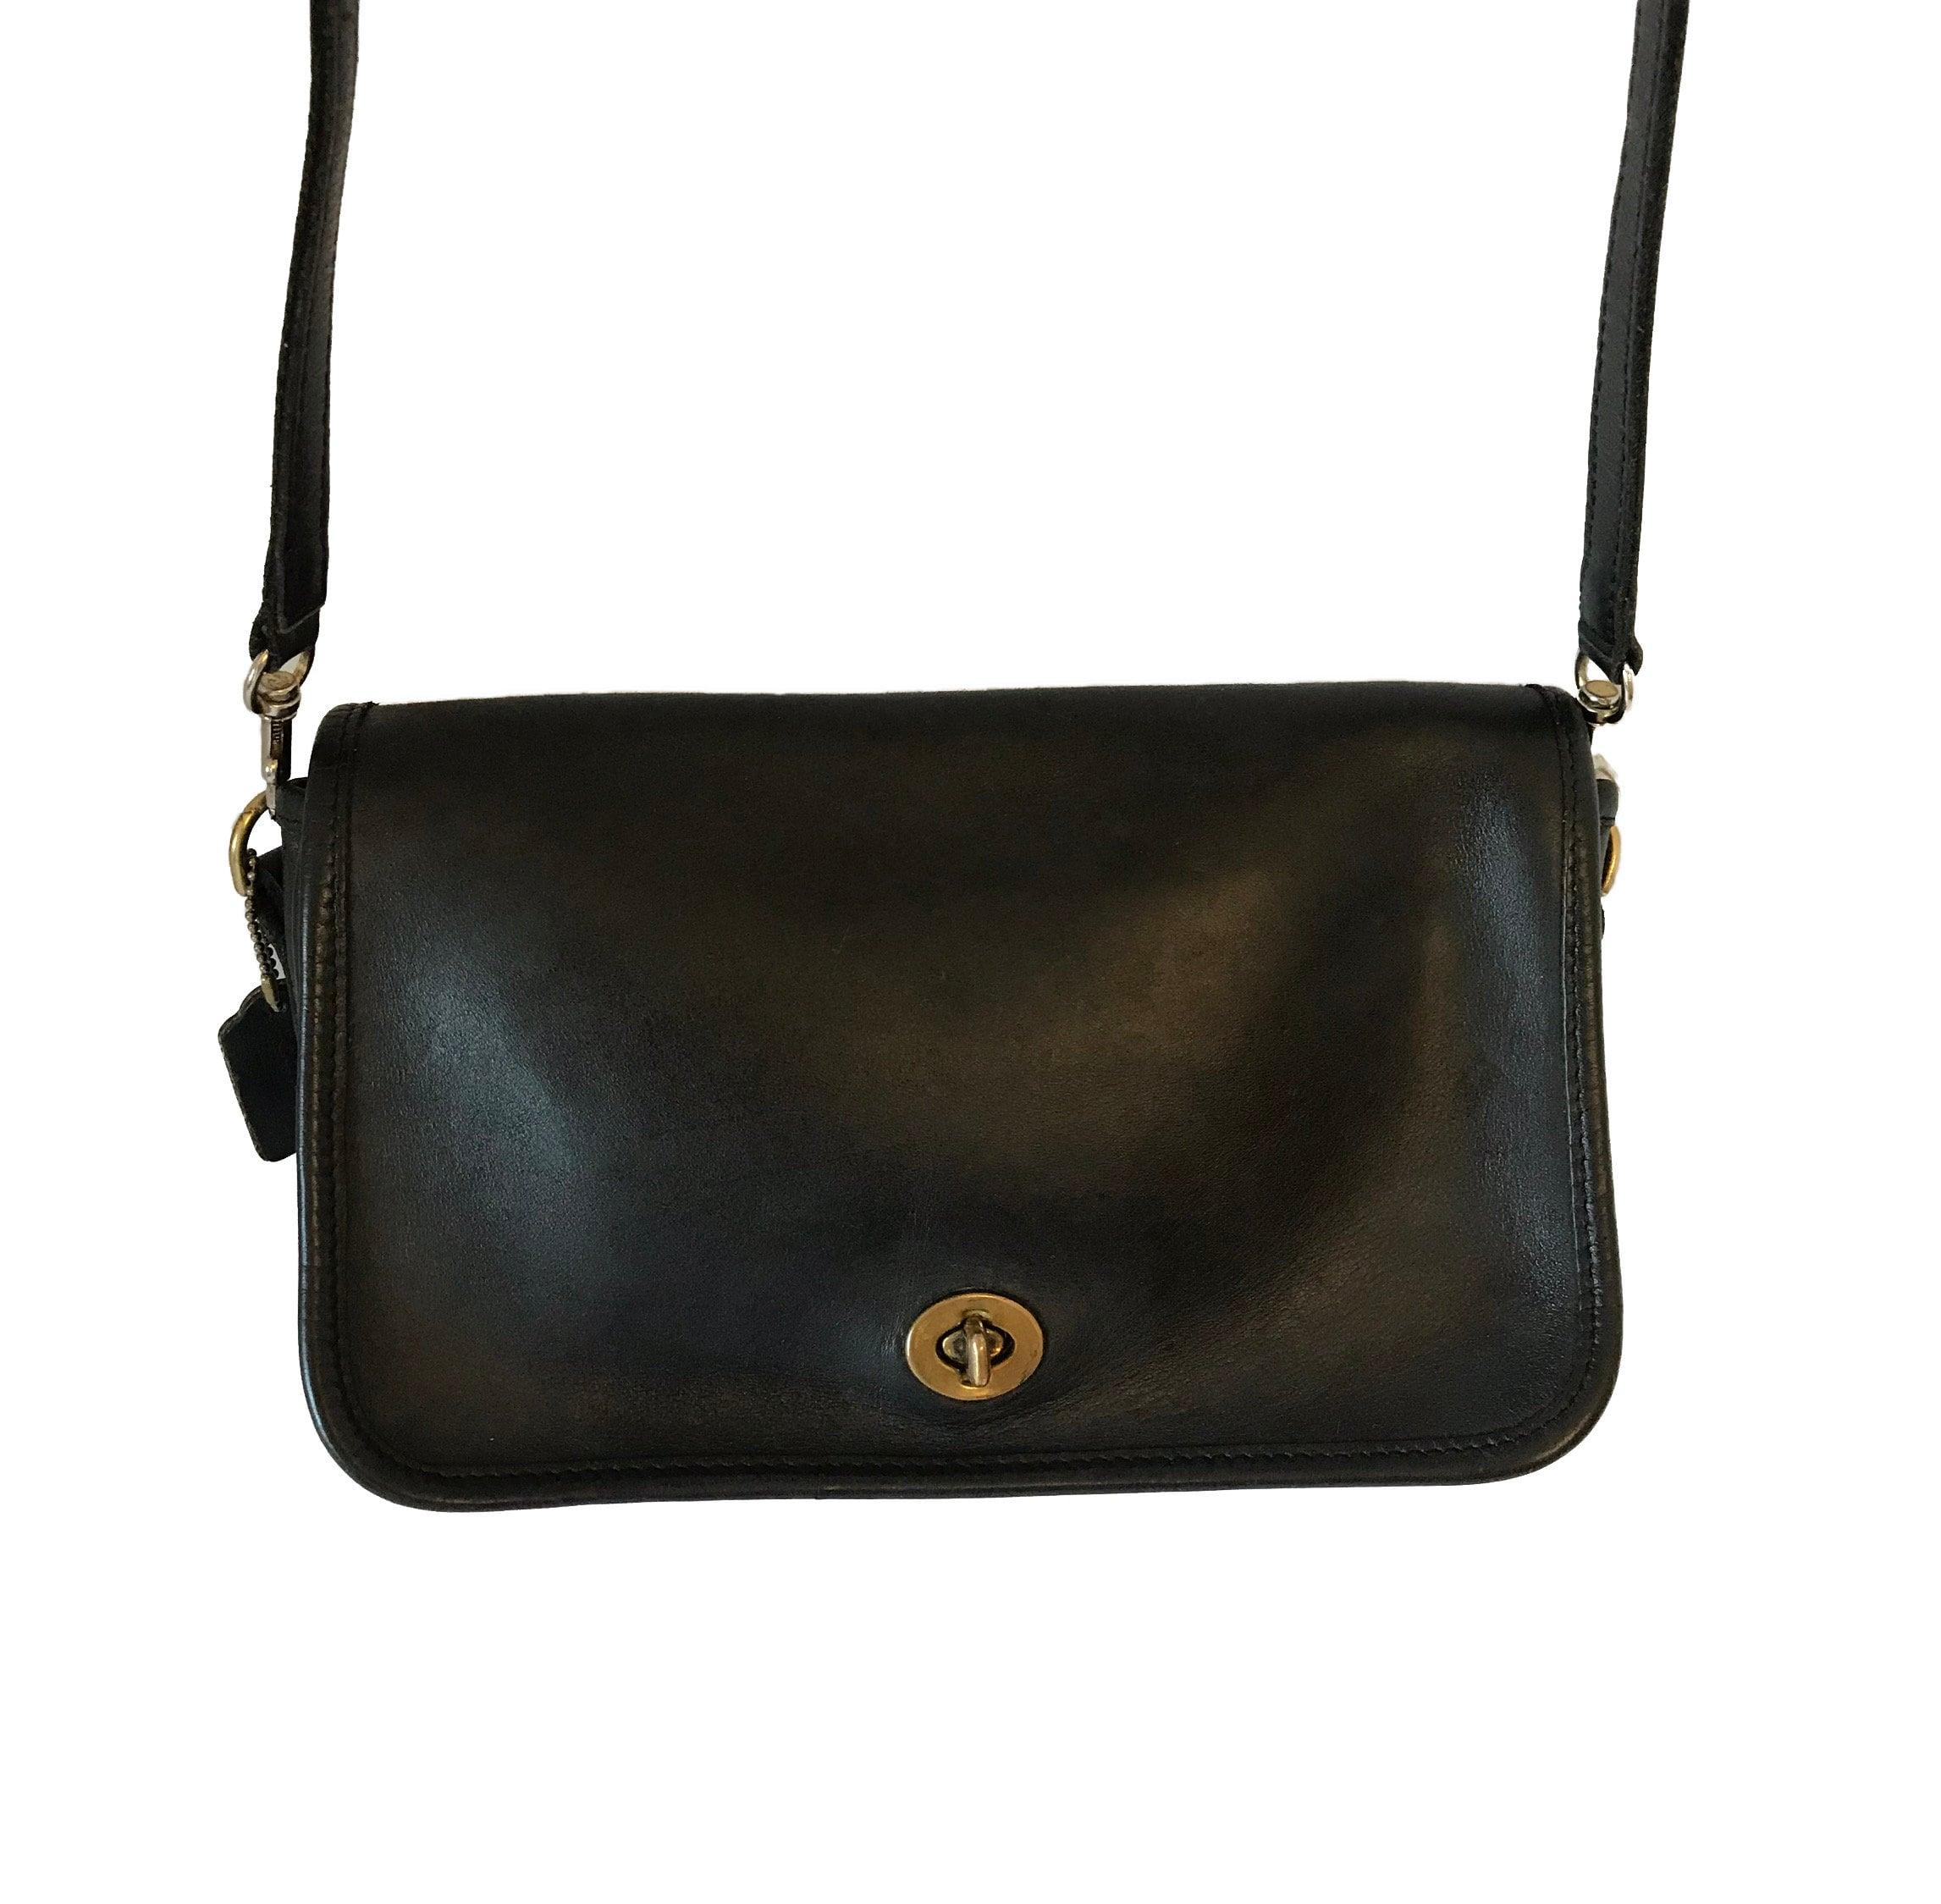 689a63841a6d Vintage Coach Bag Coach Rambler 9735 Coach Handbag Black Coach